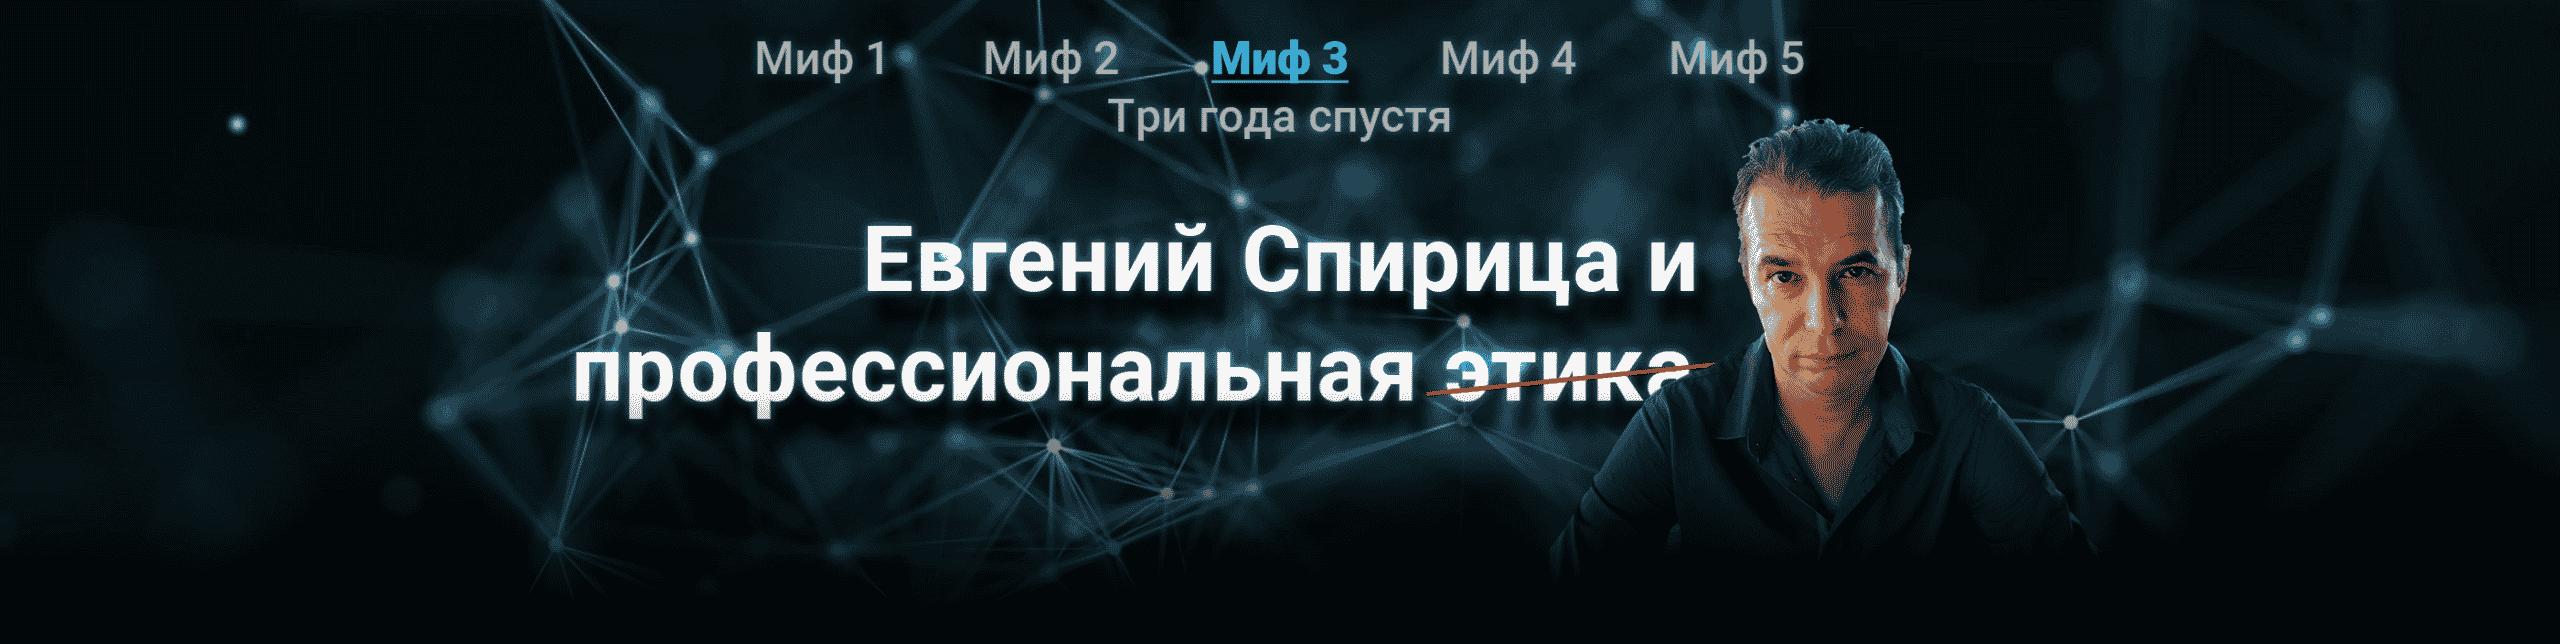 Евгений Спирица; Международная Академия Исследования Лжи; ICDS Group; Миф #3: Евгений Спирица и профессиональная этика